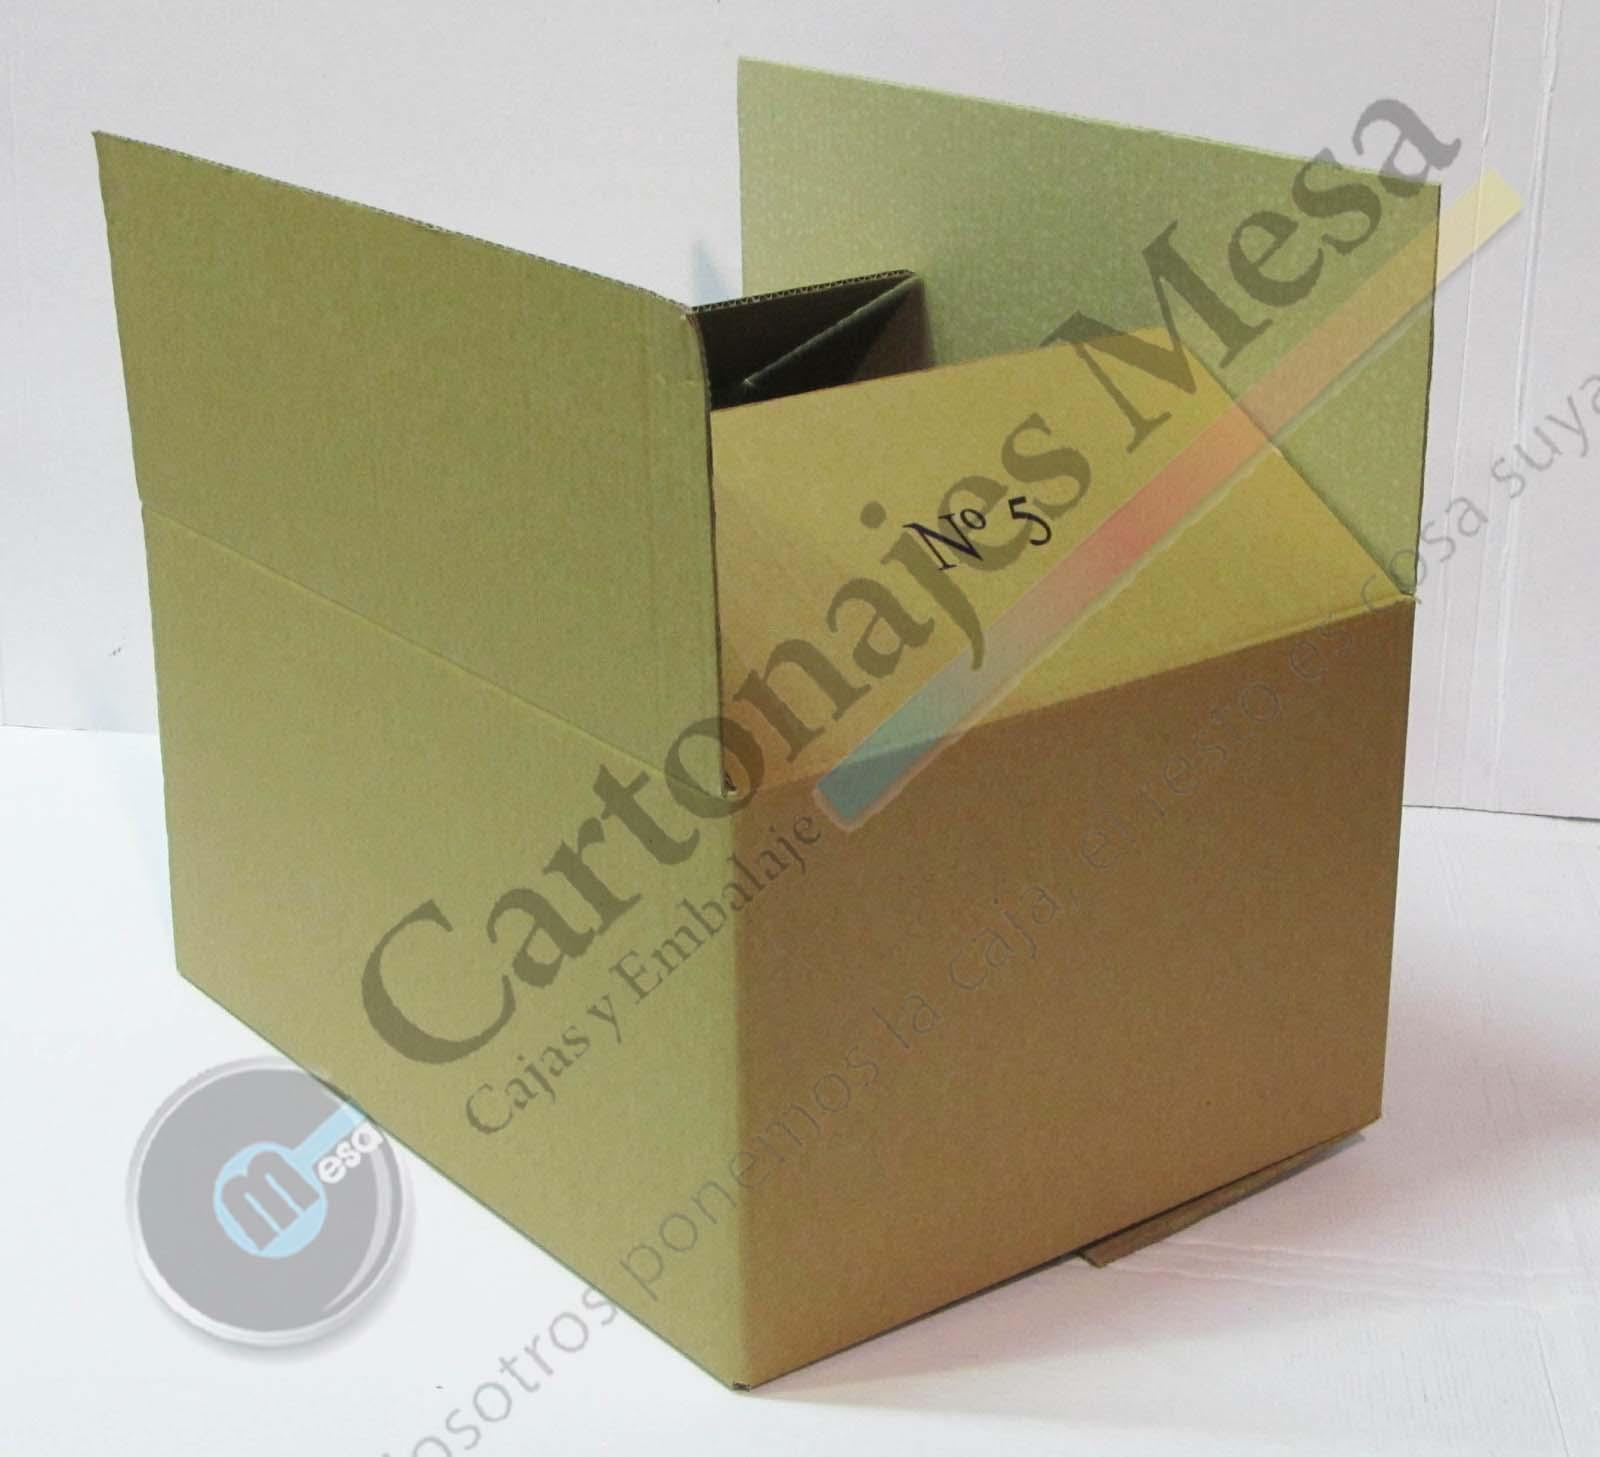 Cajas de embalaje y mudanzas cartonajes mesa for Cajas para mudanzas